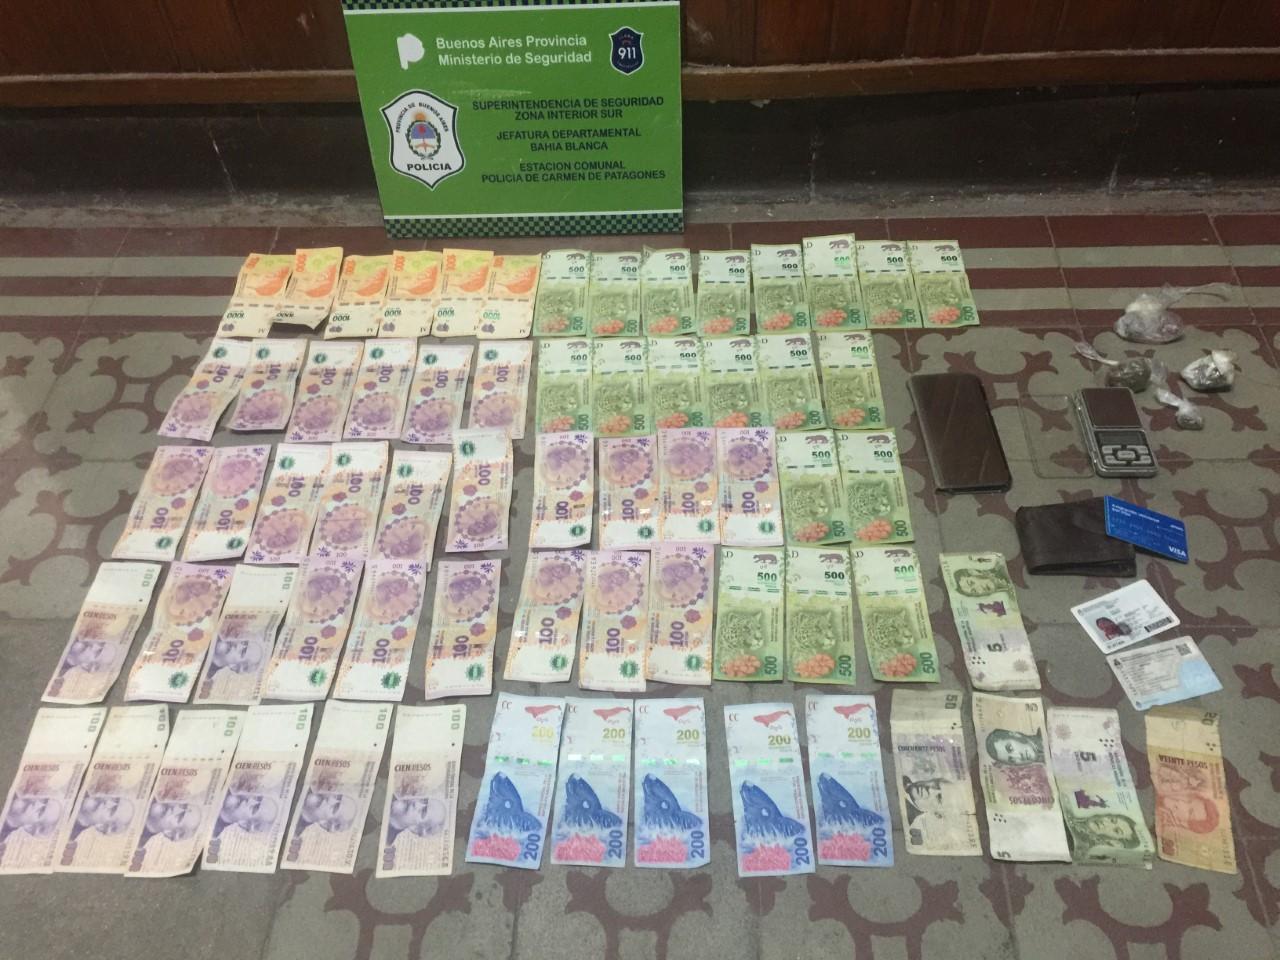 Un detenido con cocaína, marihuana, plata y una balanza en Patagones